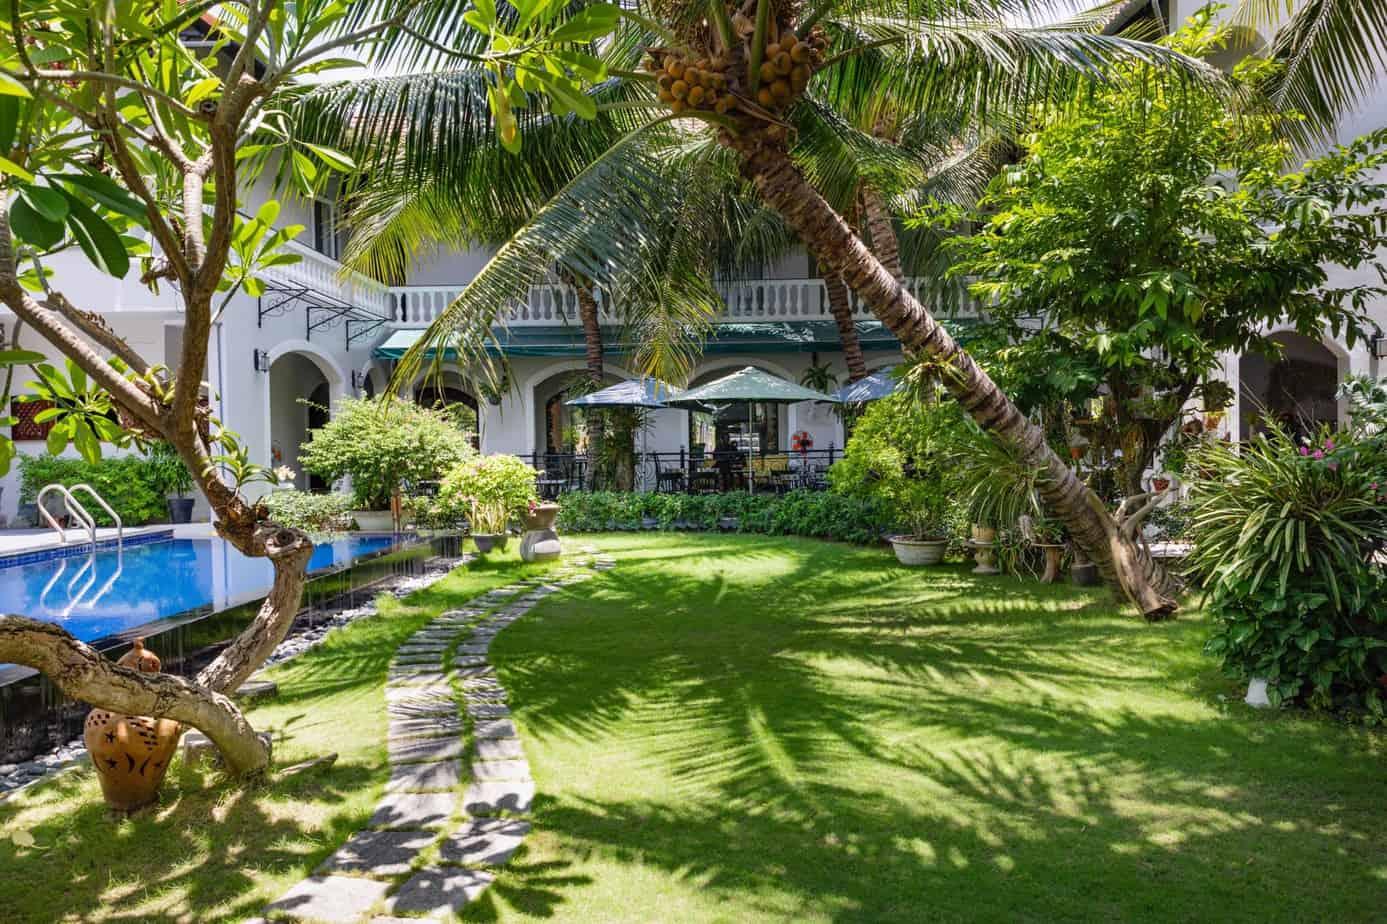 Top 10 Biệt Thự Sang Trọng Cho Thuê Ở Nha Trang - biệt thự đẹp cho thuê ở nha trang - Acqua Villa Nha Trang | An Bình Villas | An Home 57